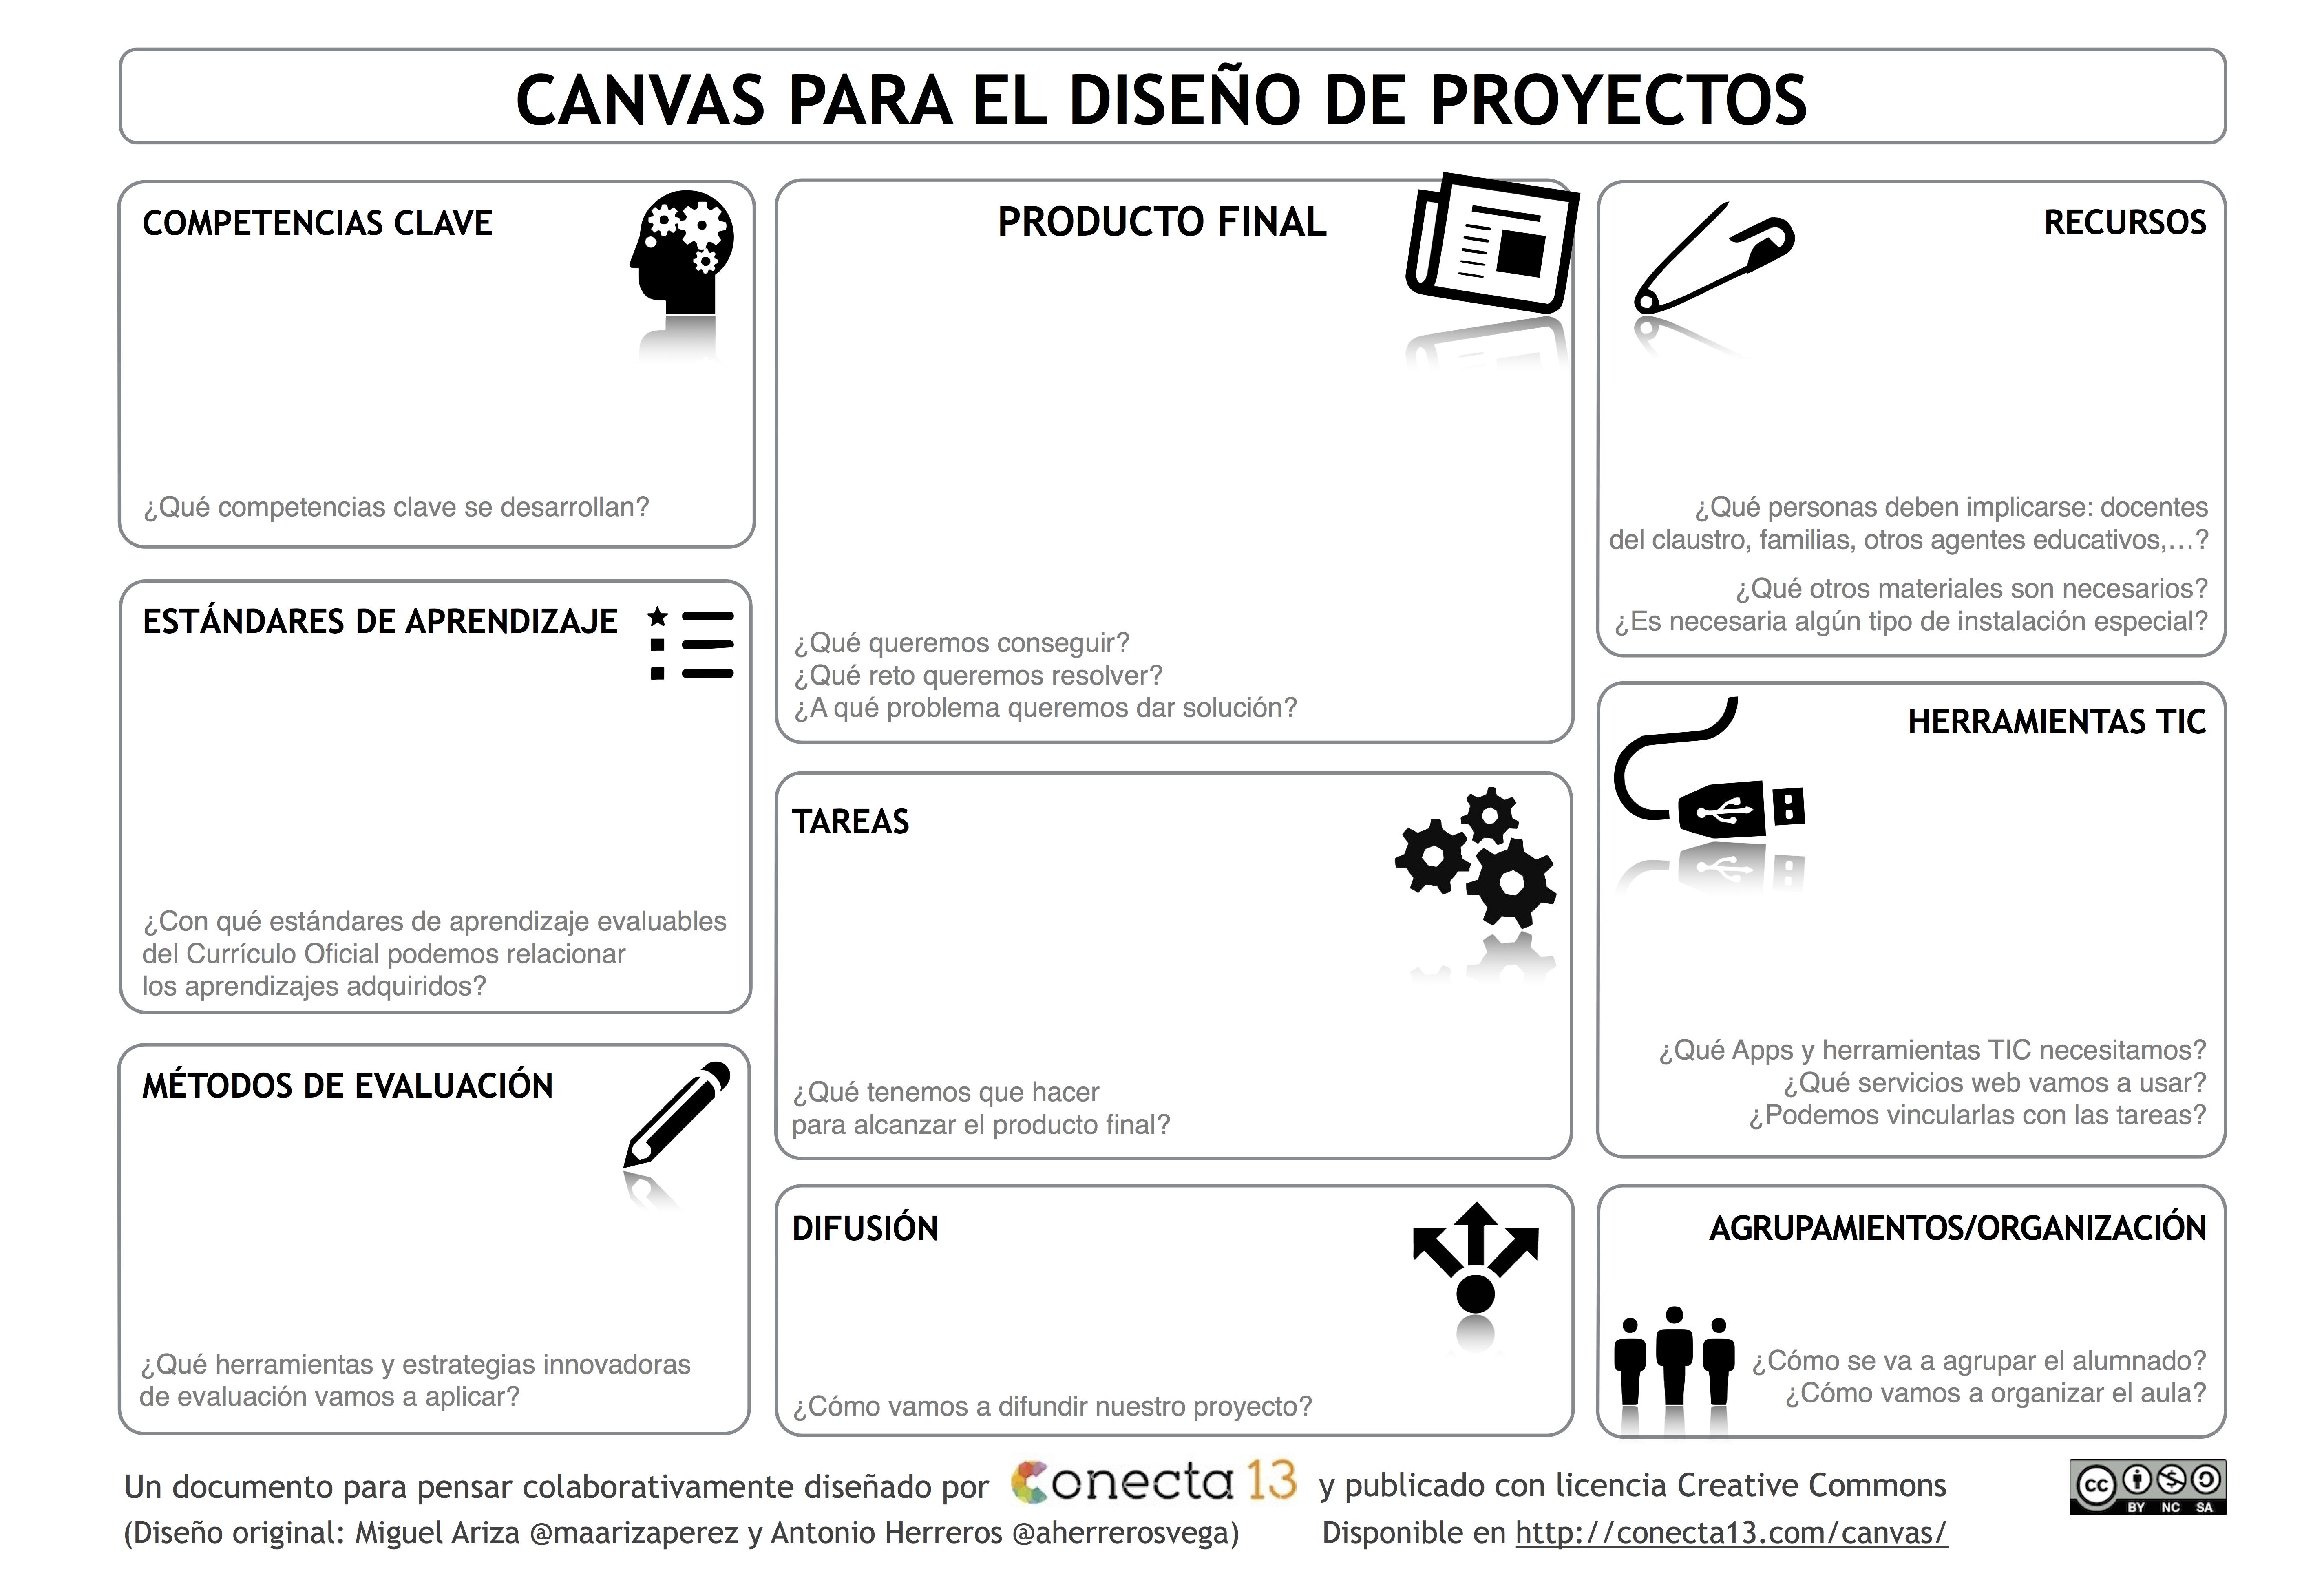 Trabajamos por proyectos guia visual abp aprendizaje for Correo la 14